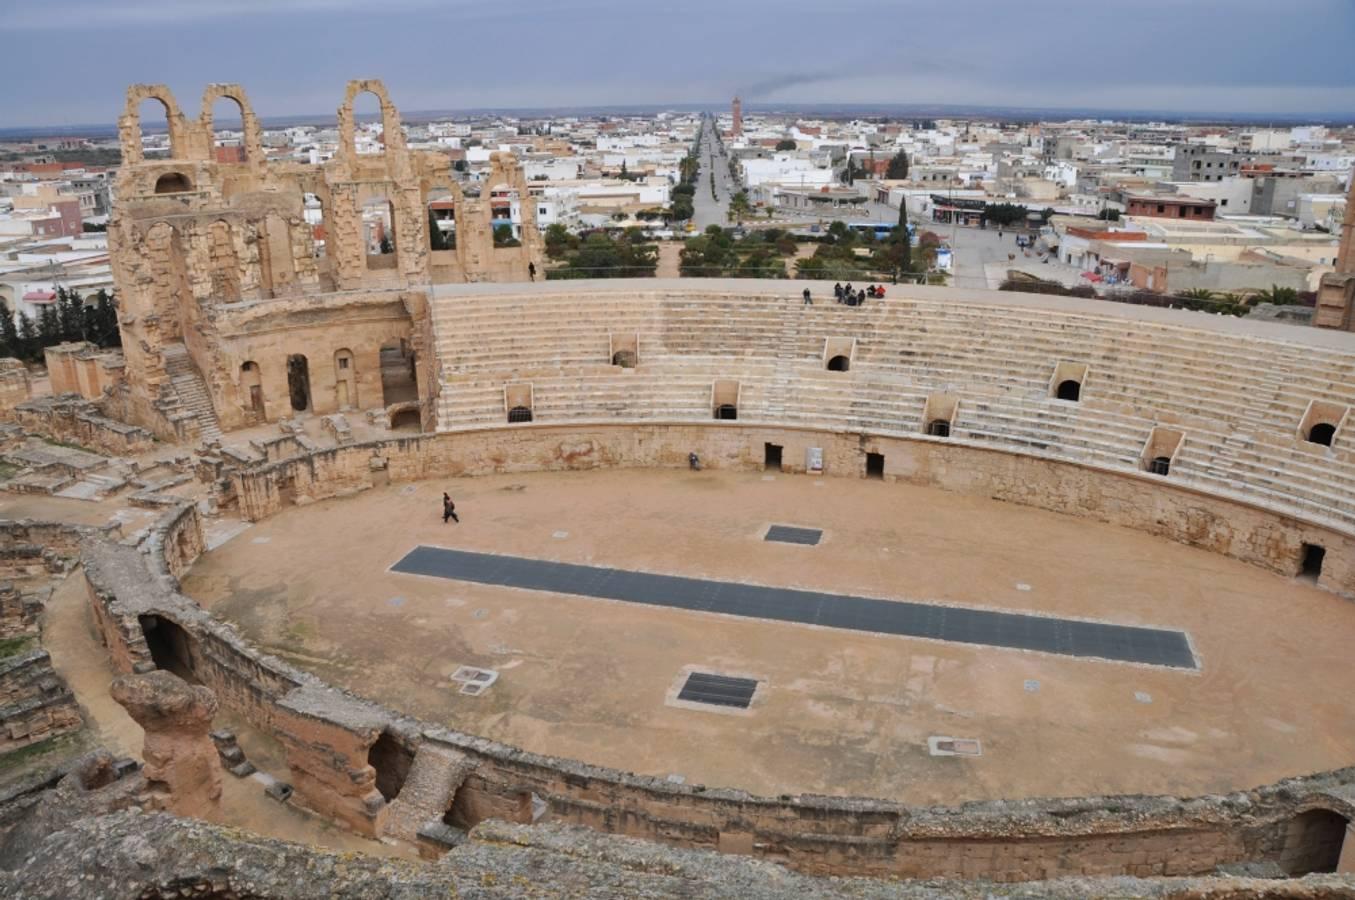 Biele uličky Mahdie a staroveký amfiteáter v El Jeme